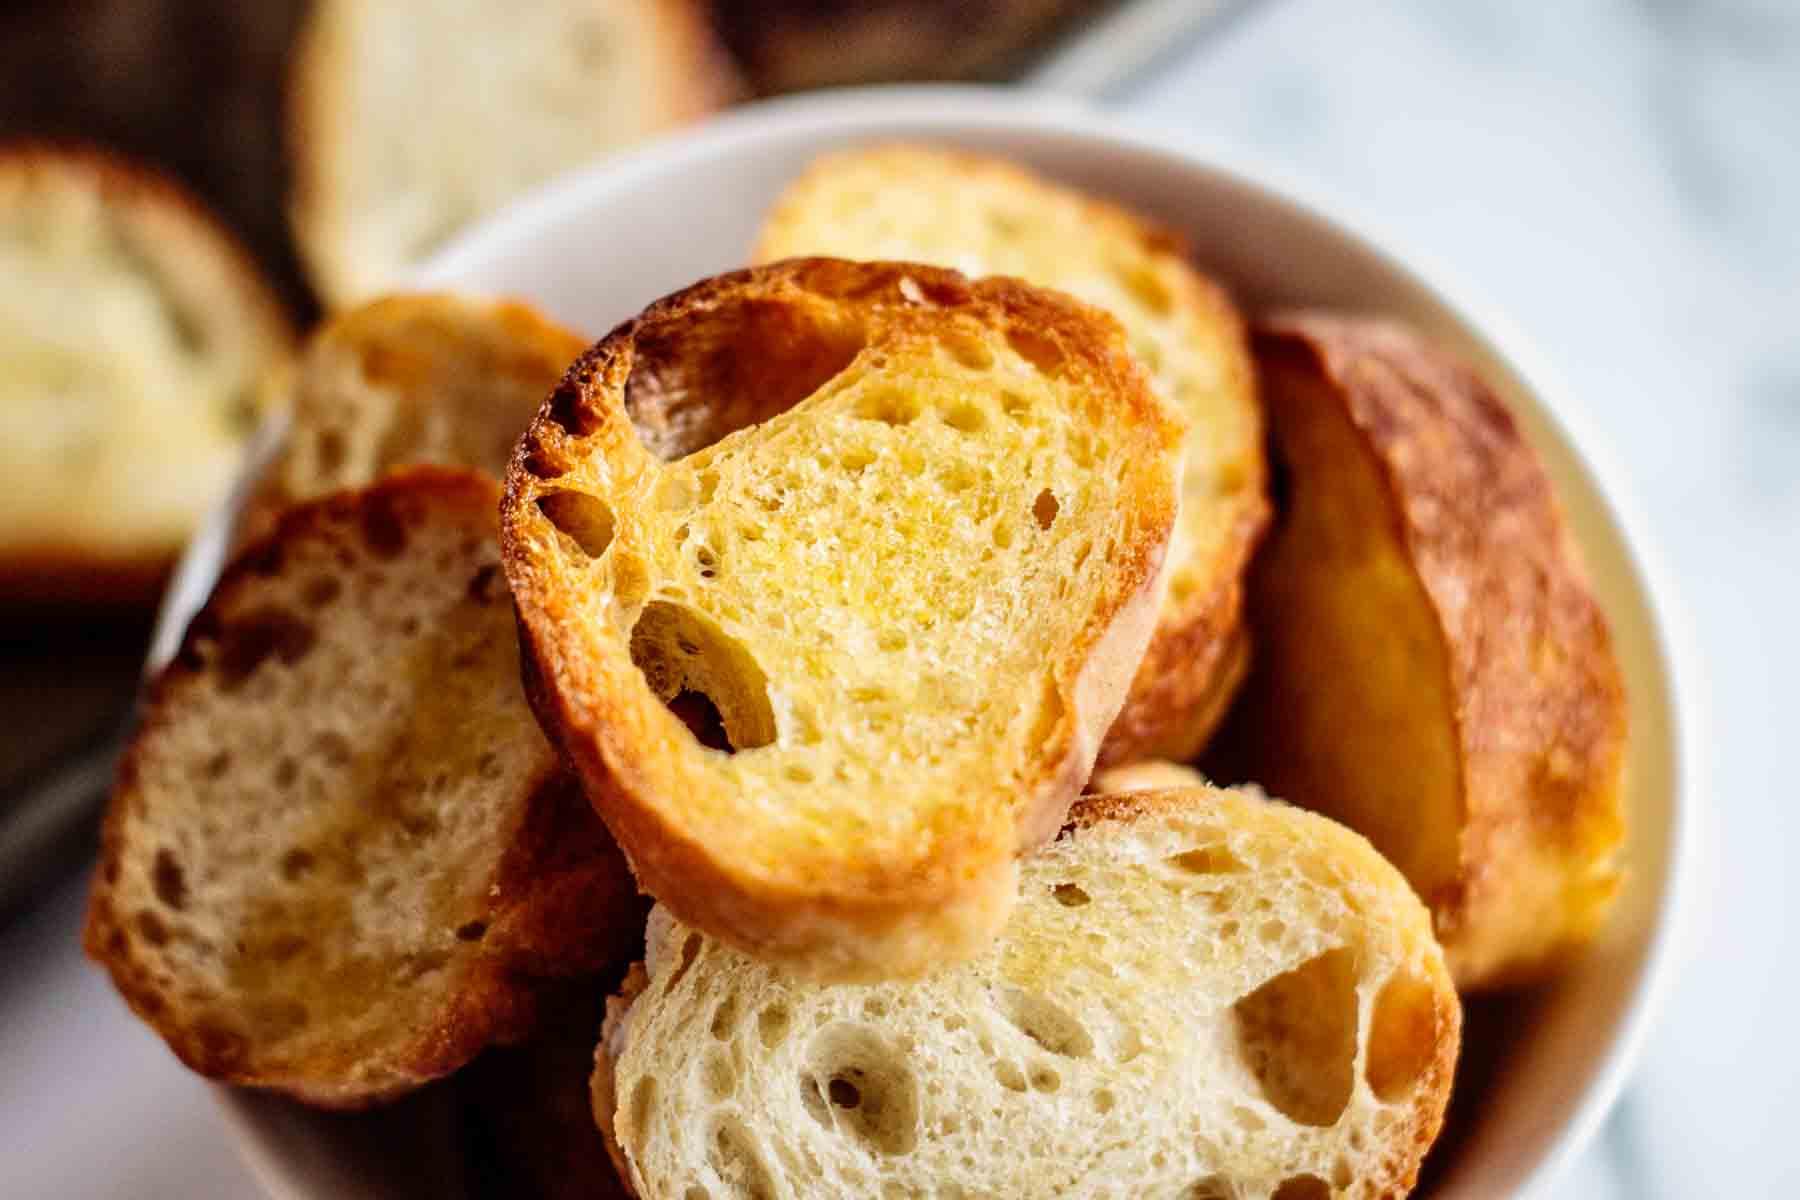 A bowl full of golden baked crostini.